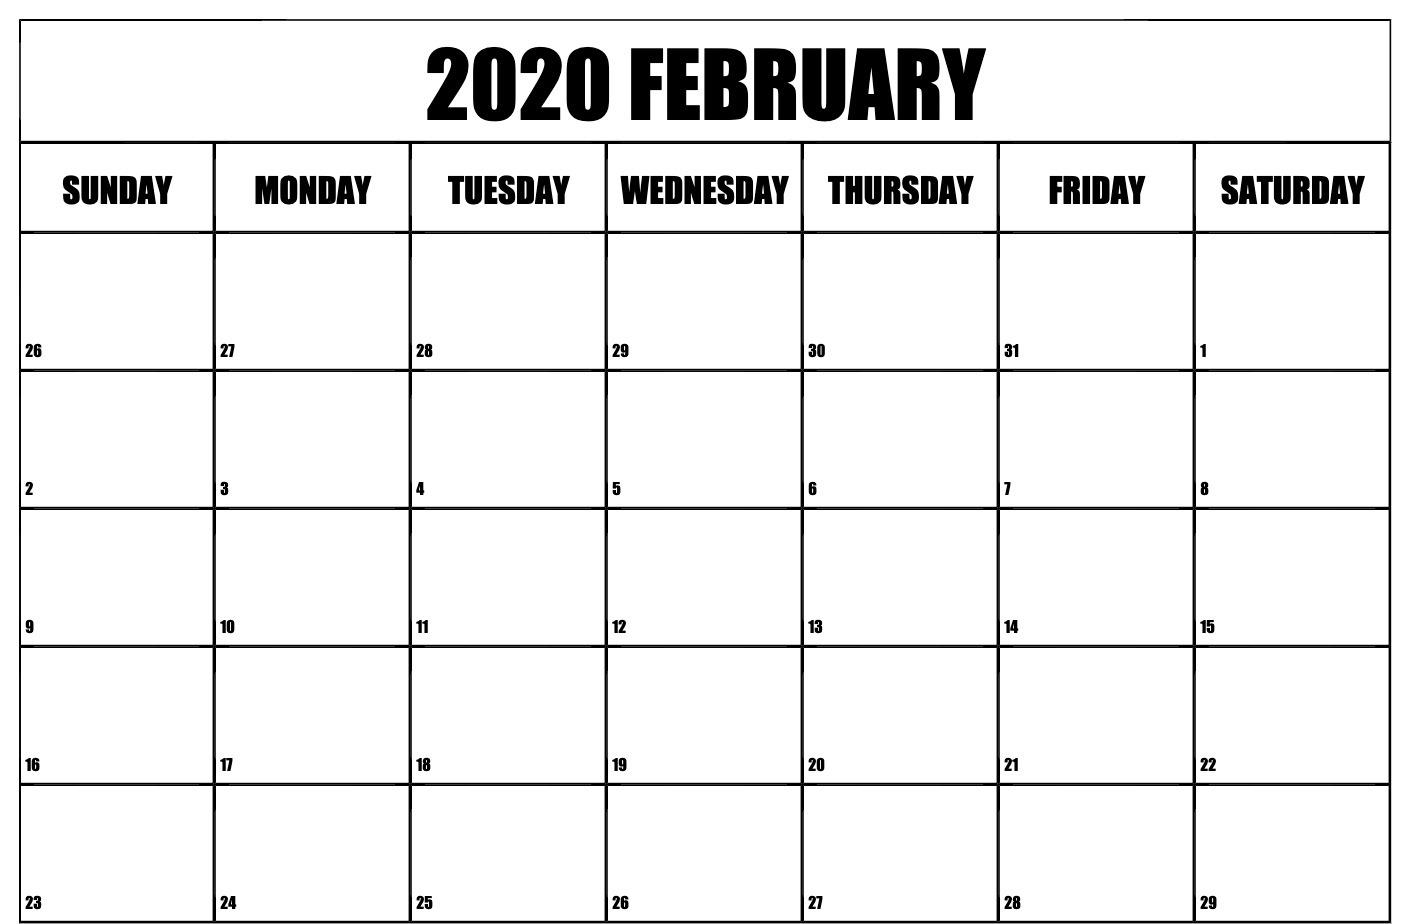 2020 February Calendar Editable